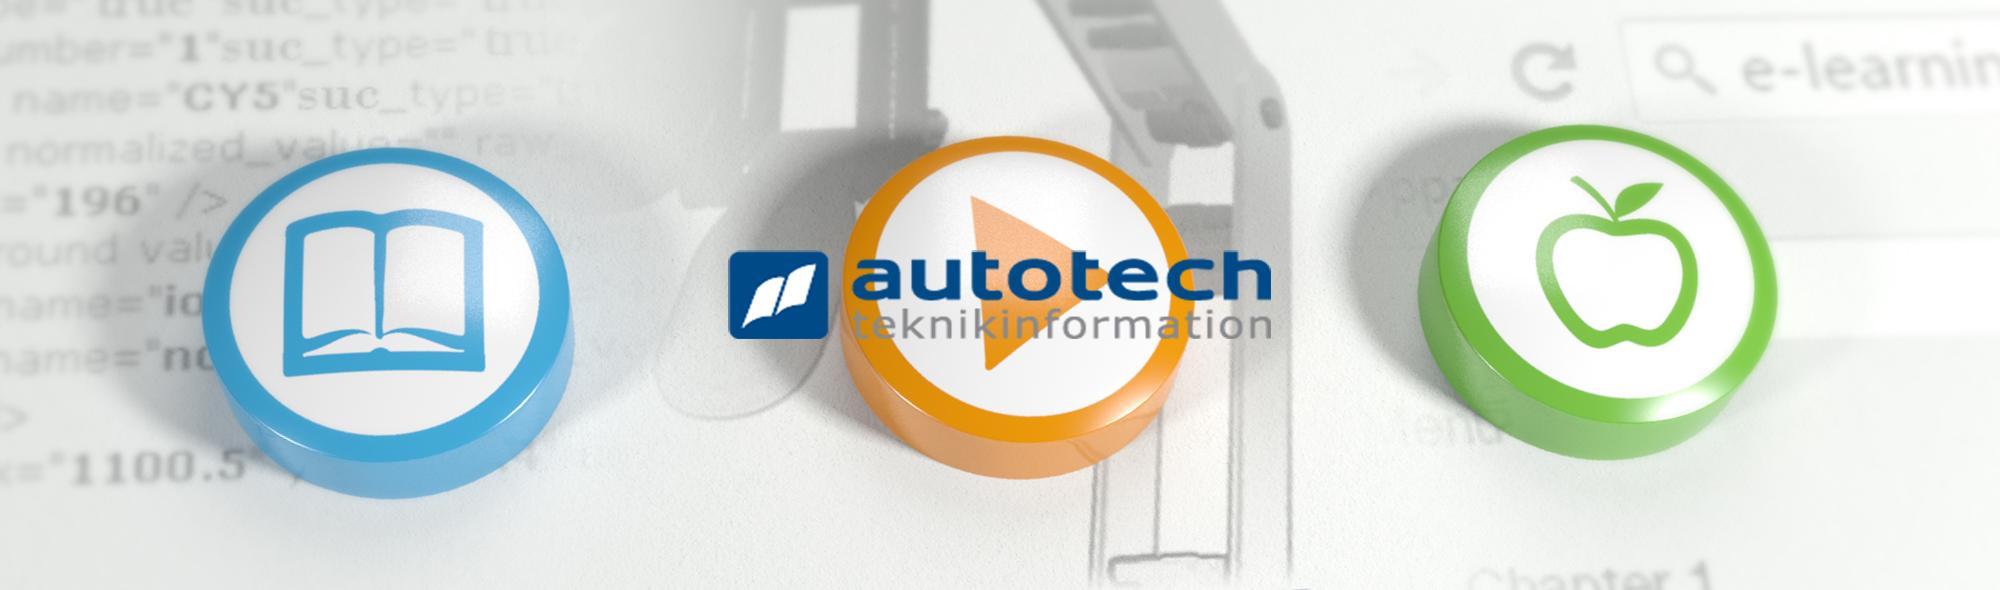 PreOption.se - Autotech.png